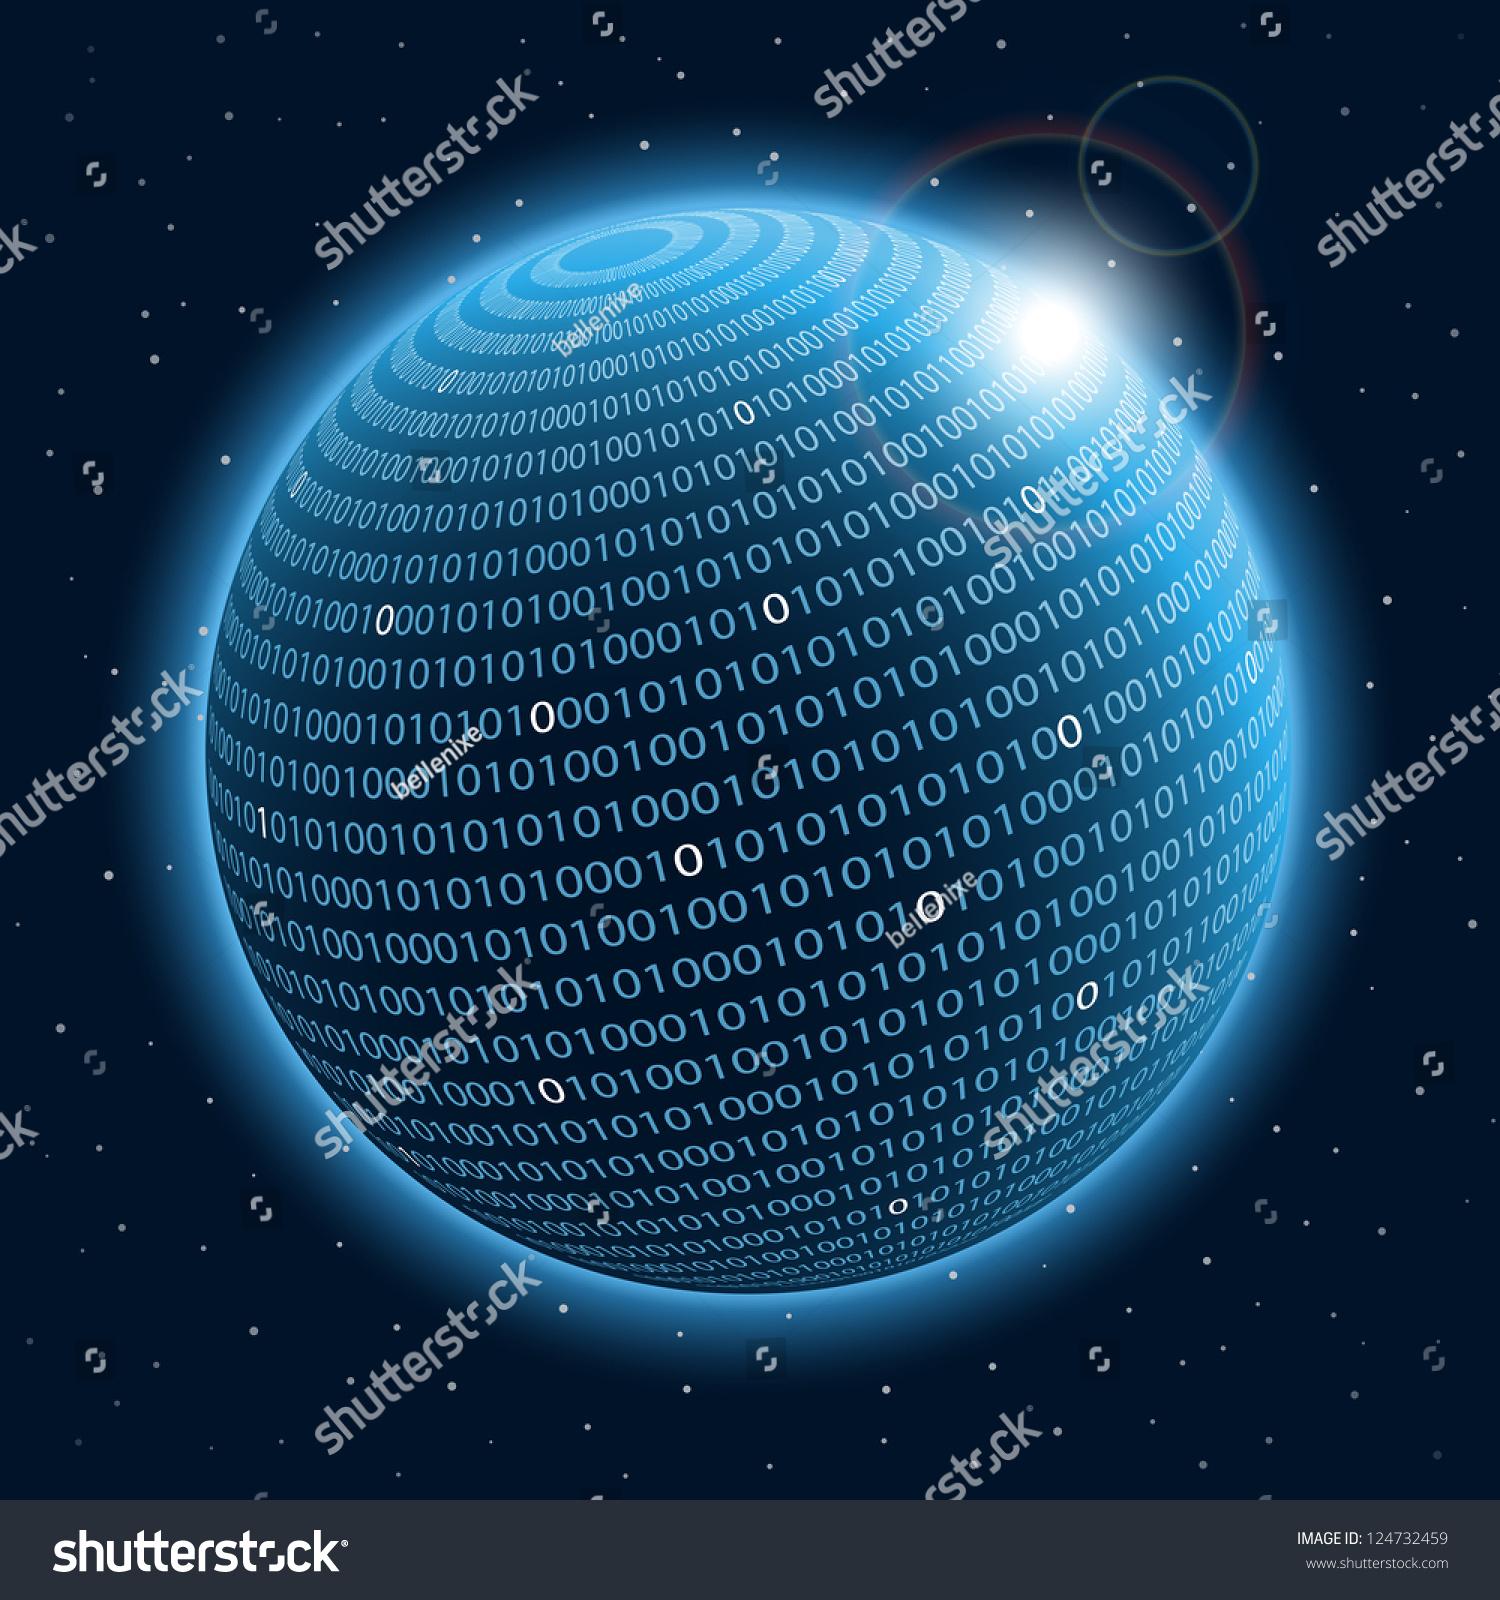 星球转动gif动态图矢量图